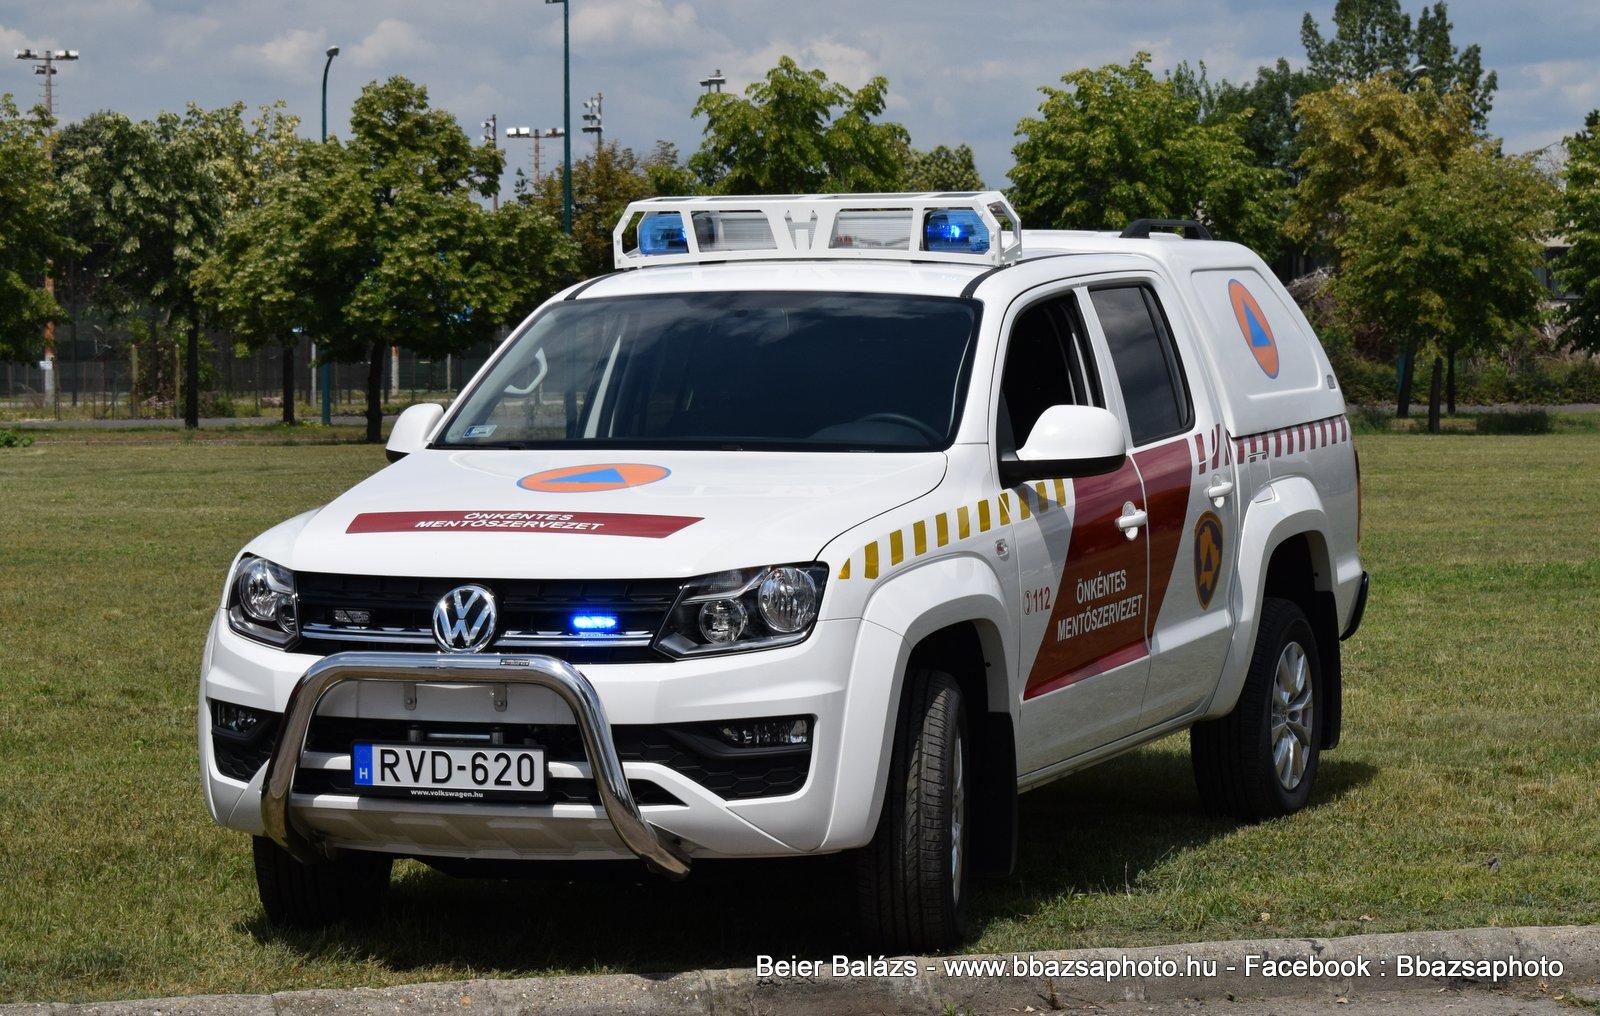 Volkswagen Amarok – Maxliner